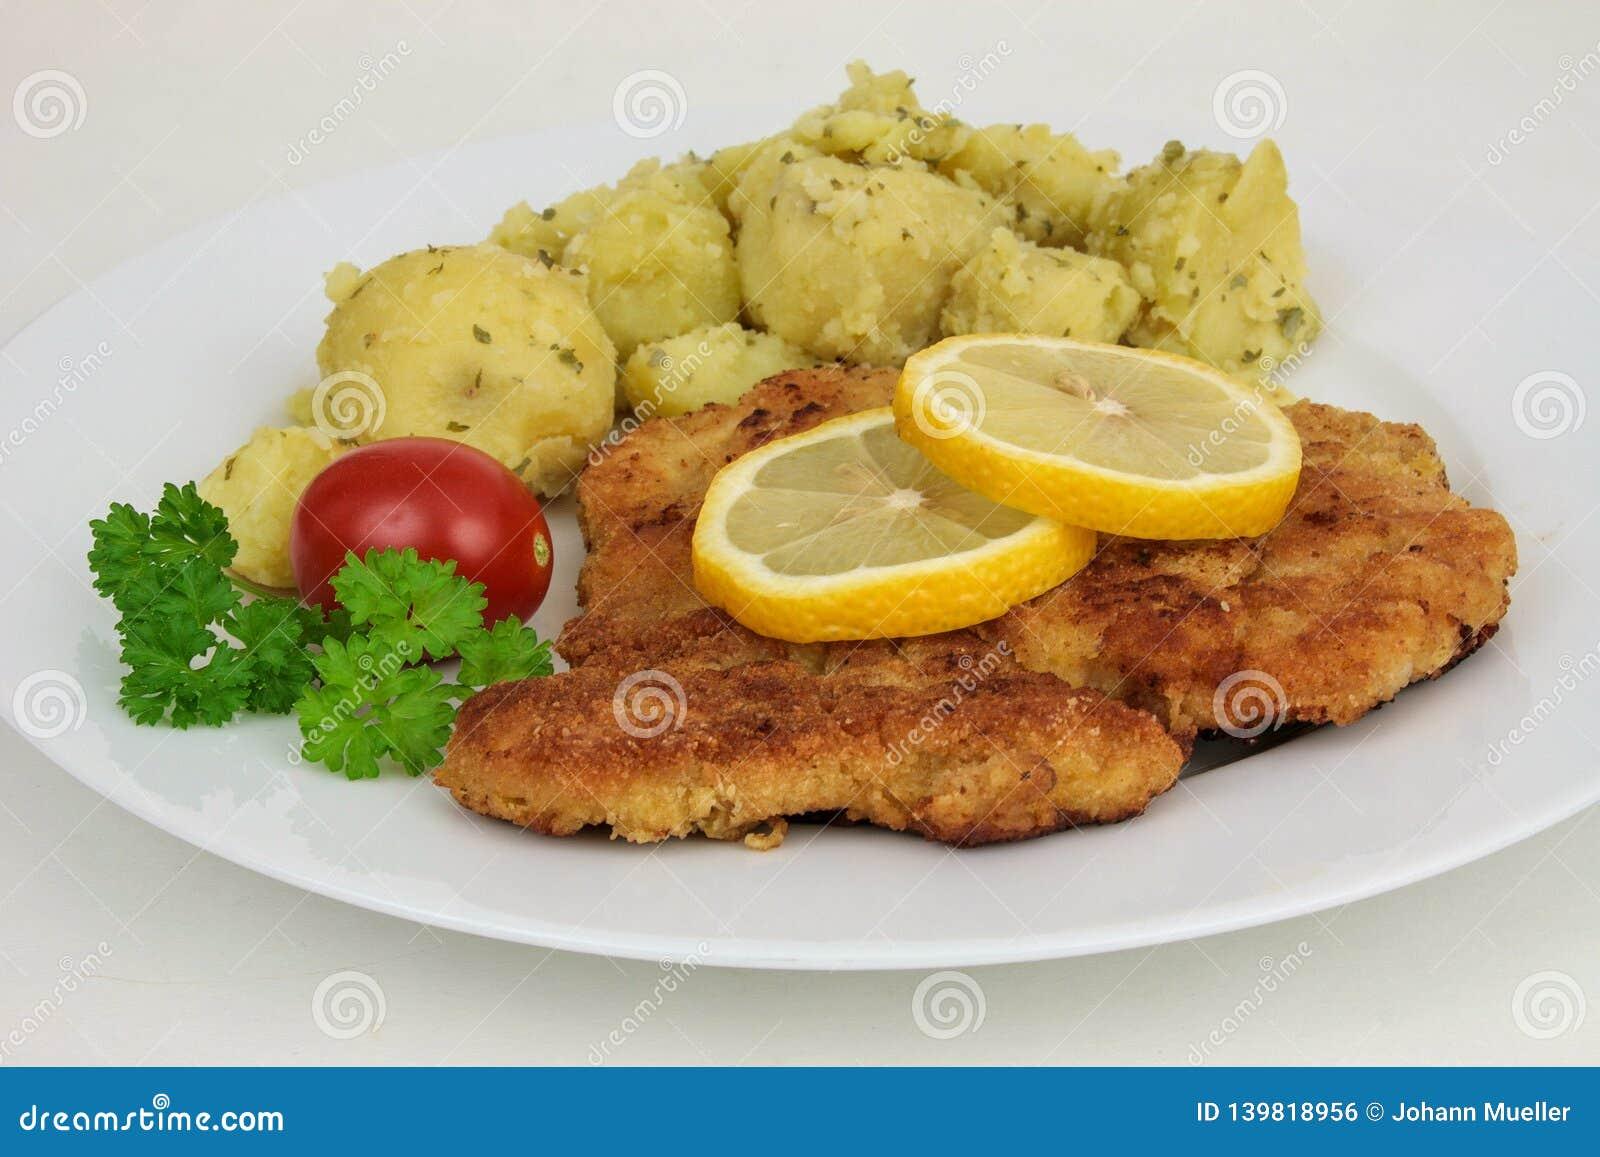 Λουκάνικο schnitzel, cutlet μοσχαρίσιων κρεάτων, αυστριακή κουζίνα